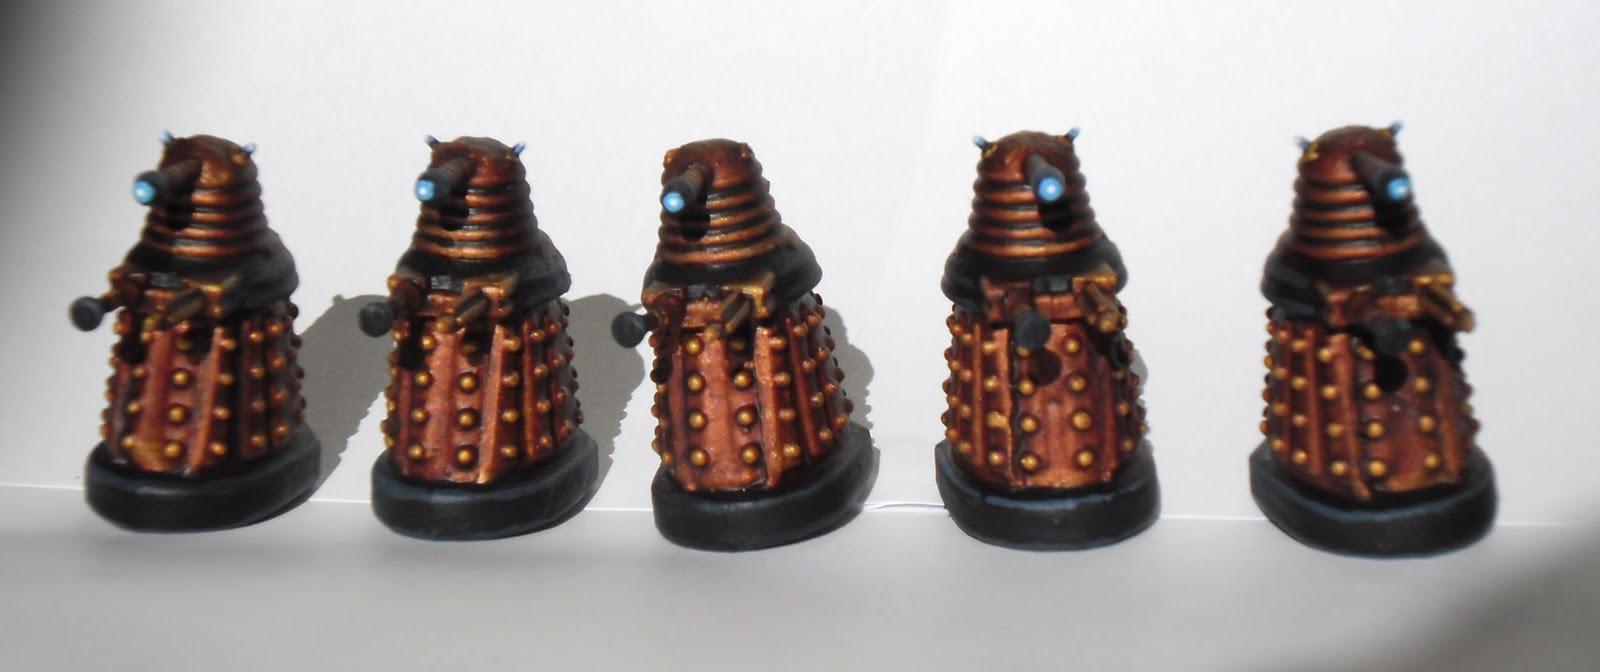 Montyhaul S Models Daleks Greenskins And Bits And Bobs